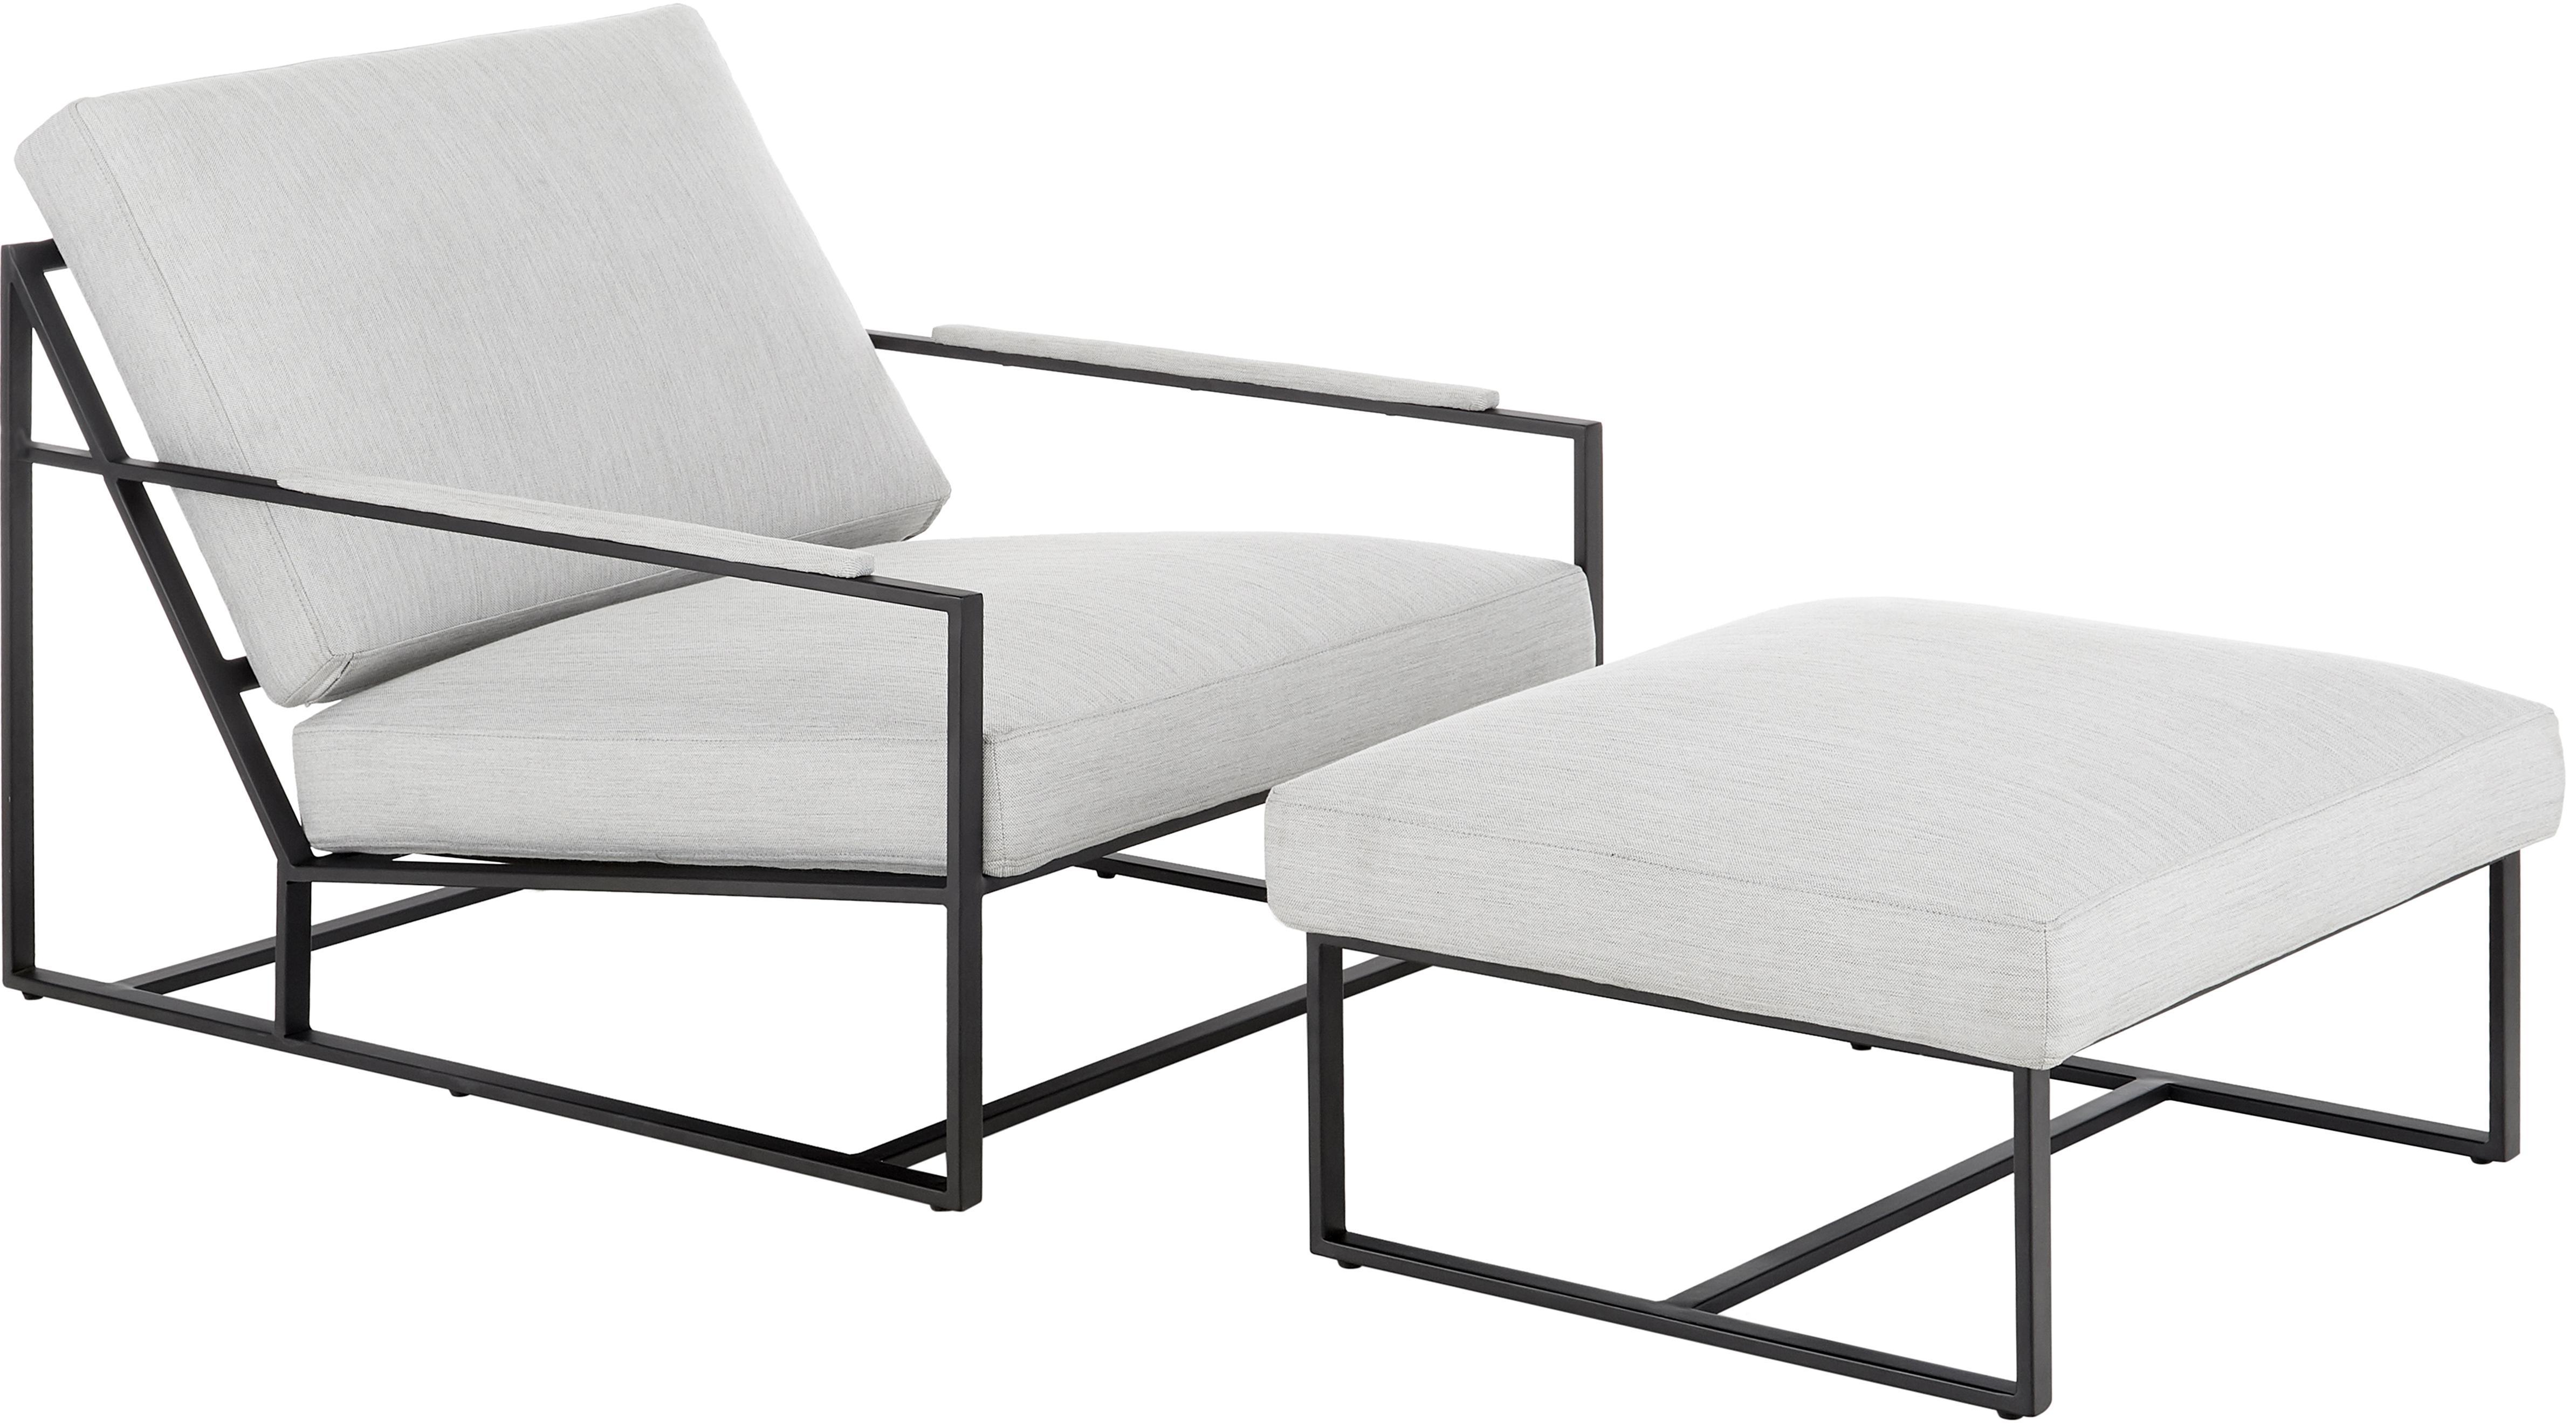 Loungeset Andy, 2-delig met metalen frame, Bekleding: 93% polyester, 5% katoen,, Frame: gepoedercoat metaal, Geweven stof lichtgrijs, Verschillende formaten